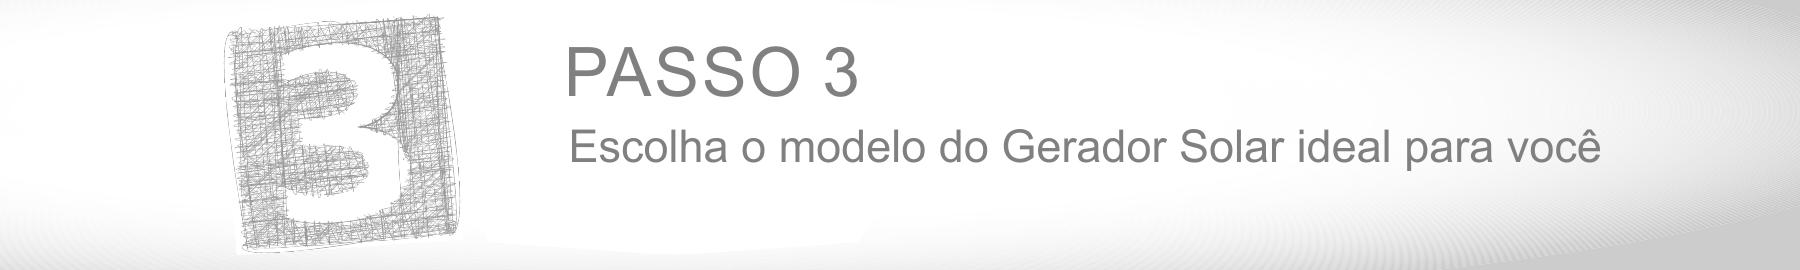 passo3